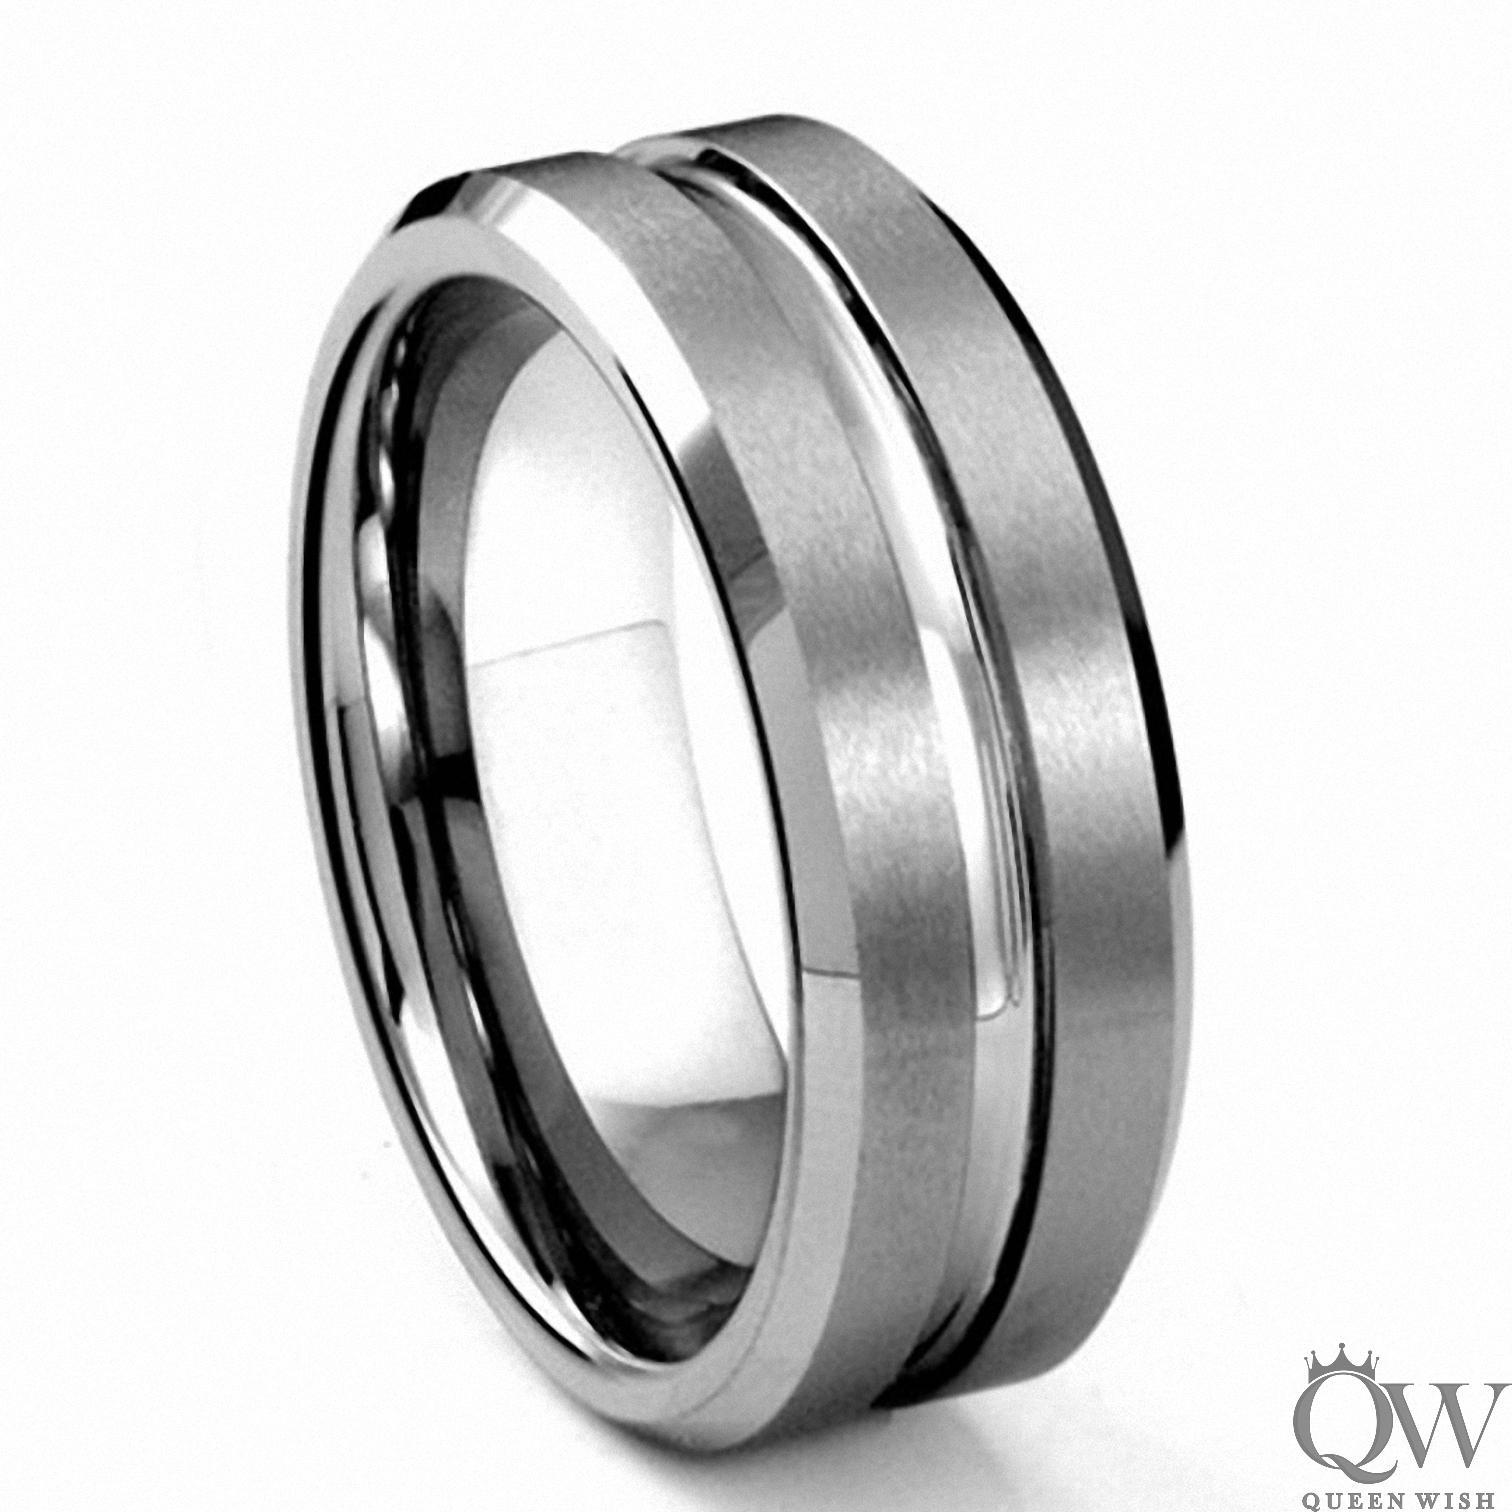 Queenwish 8mm Mens Matte Finished Tungsten Carbide Wedding